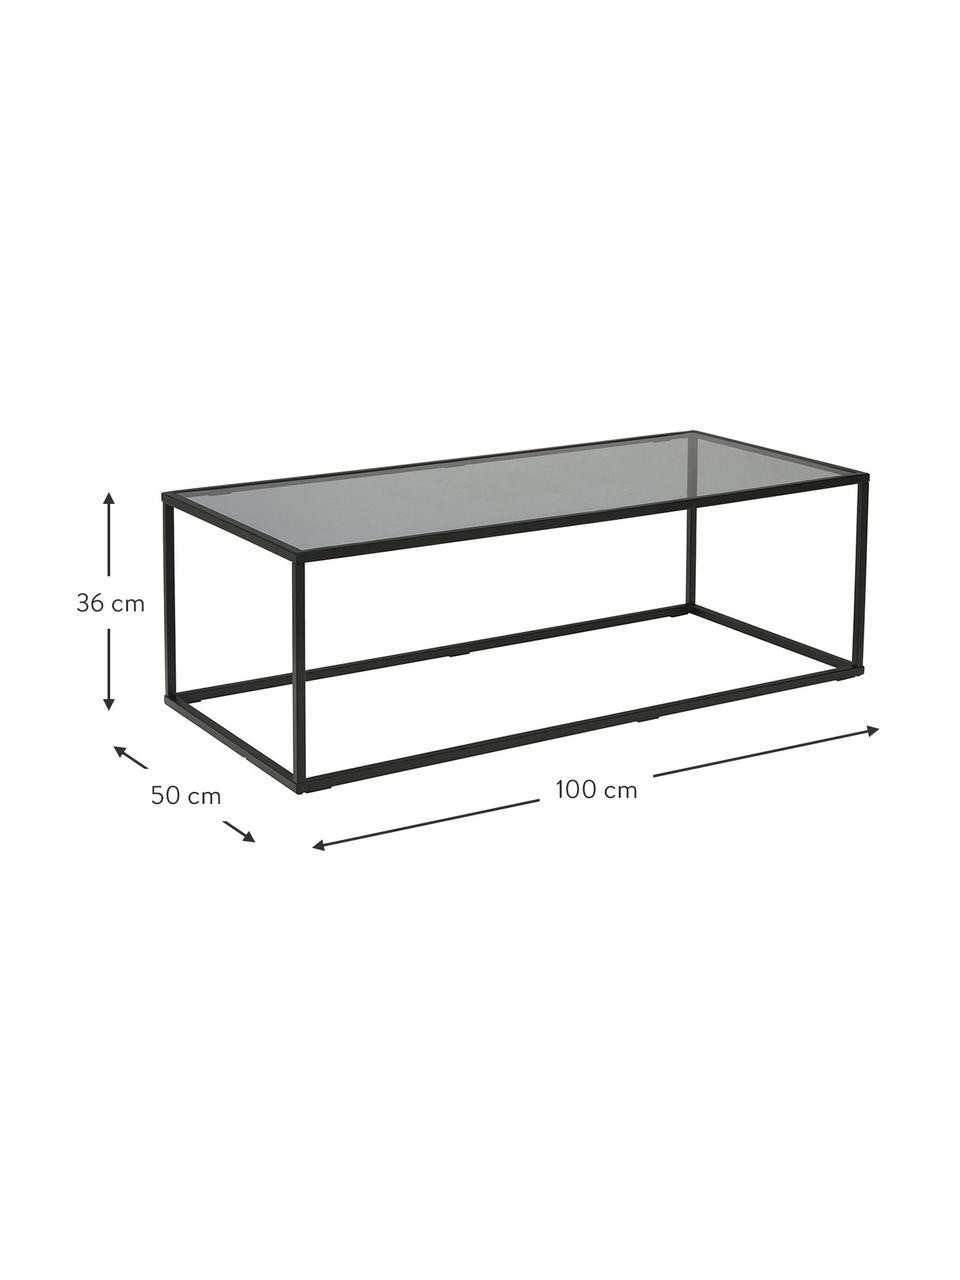 Salontafel Maya met glazen tafelblad, Tafelblad: veiligheidsglas, Frame: gepoedercoat metaal, Tafelblad: zwart getint glas. Frame: mat zwart, 110 x 36 cm